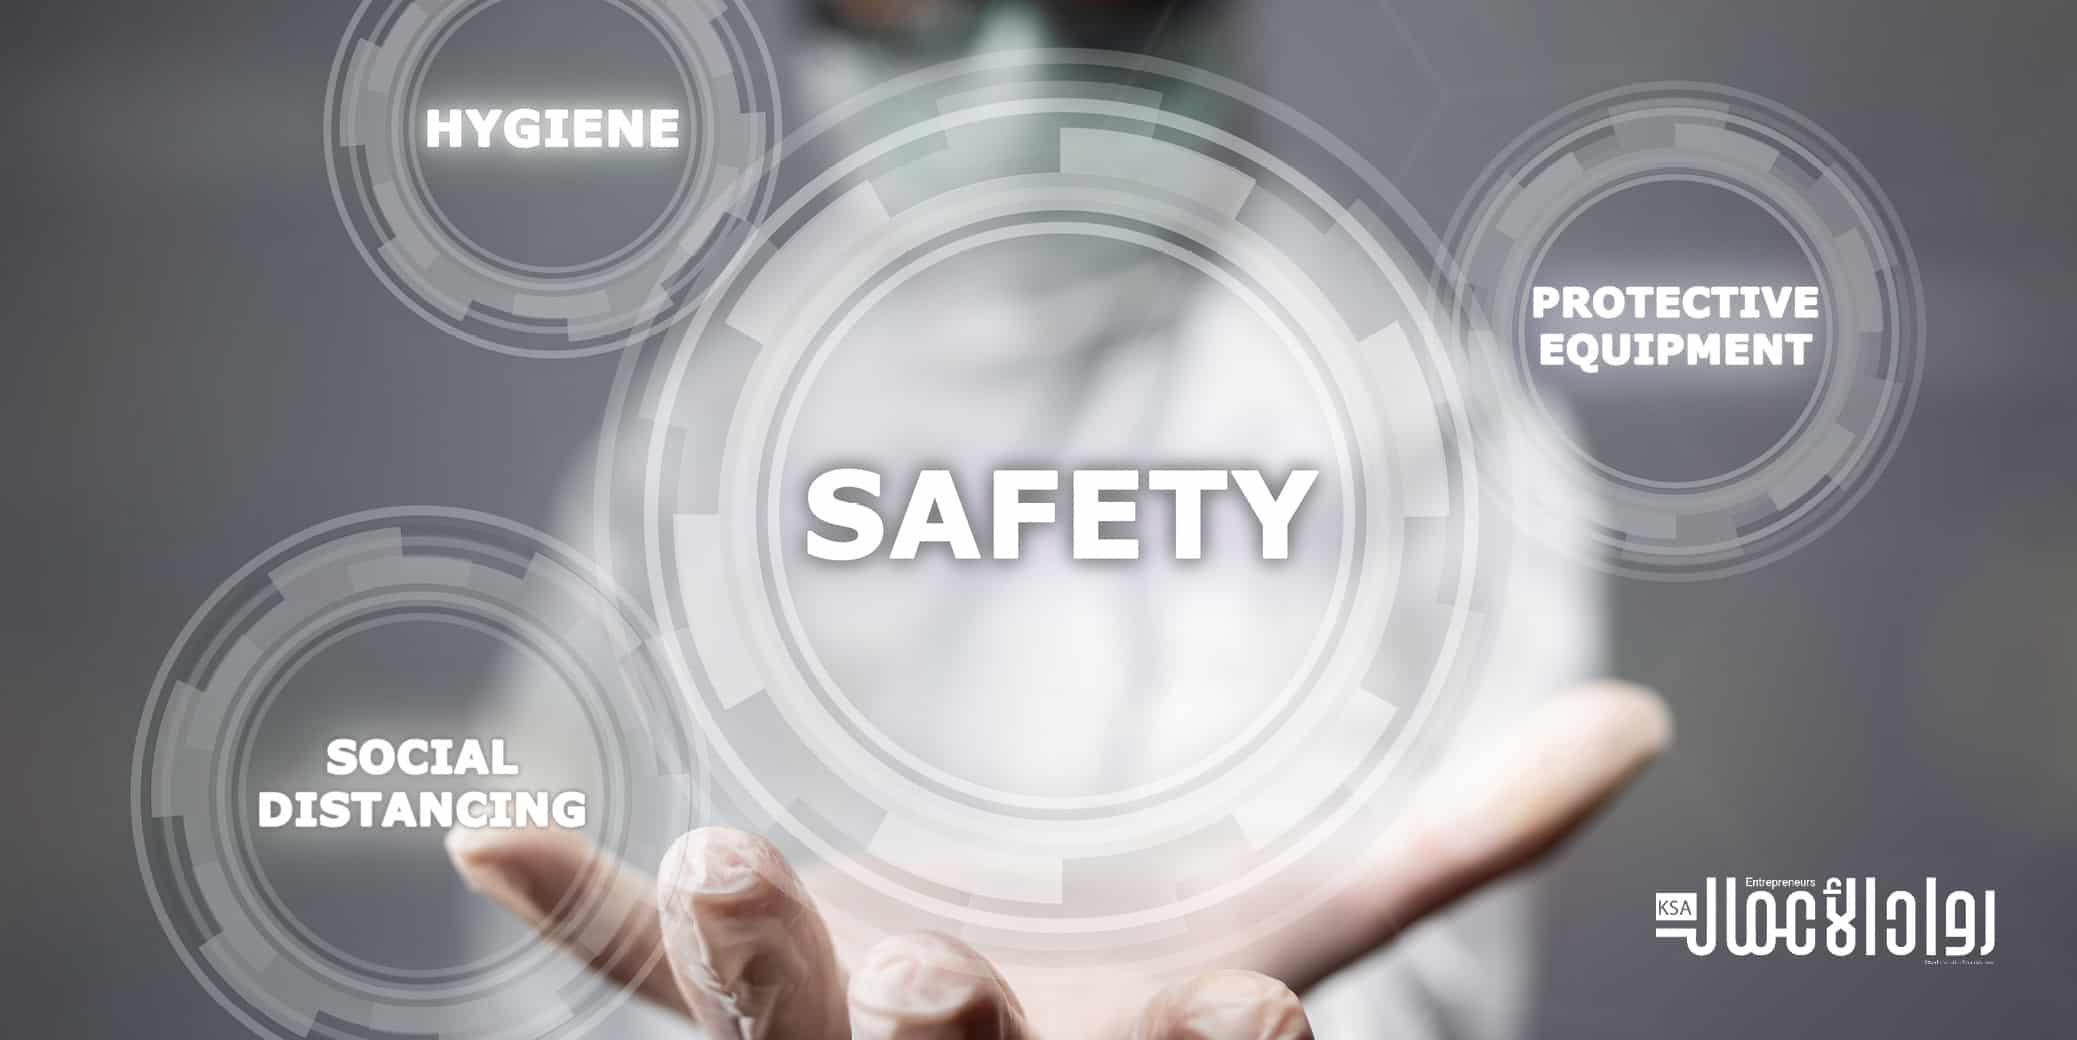 كيف تساعد التكنولوجيا في سلامة الموظفين